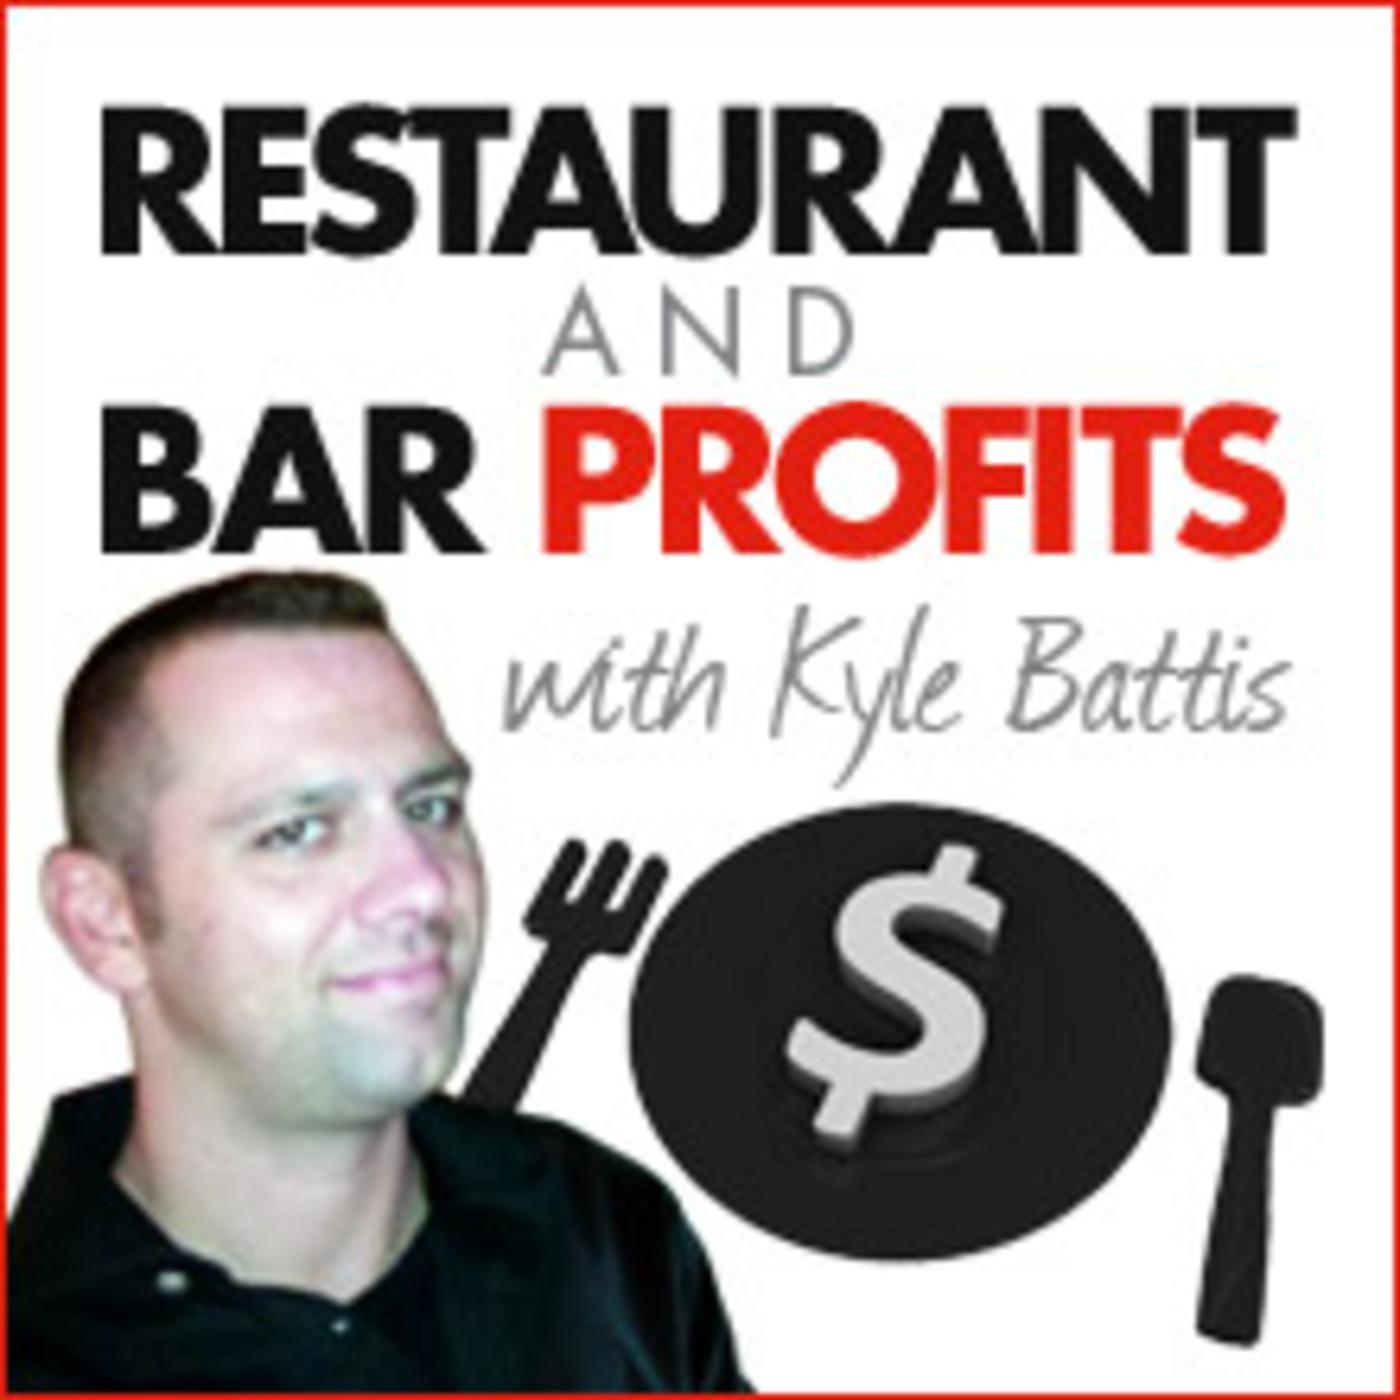 RestaurantAndBarProfits.com